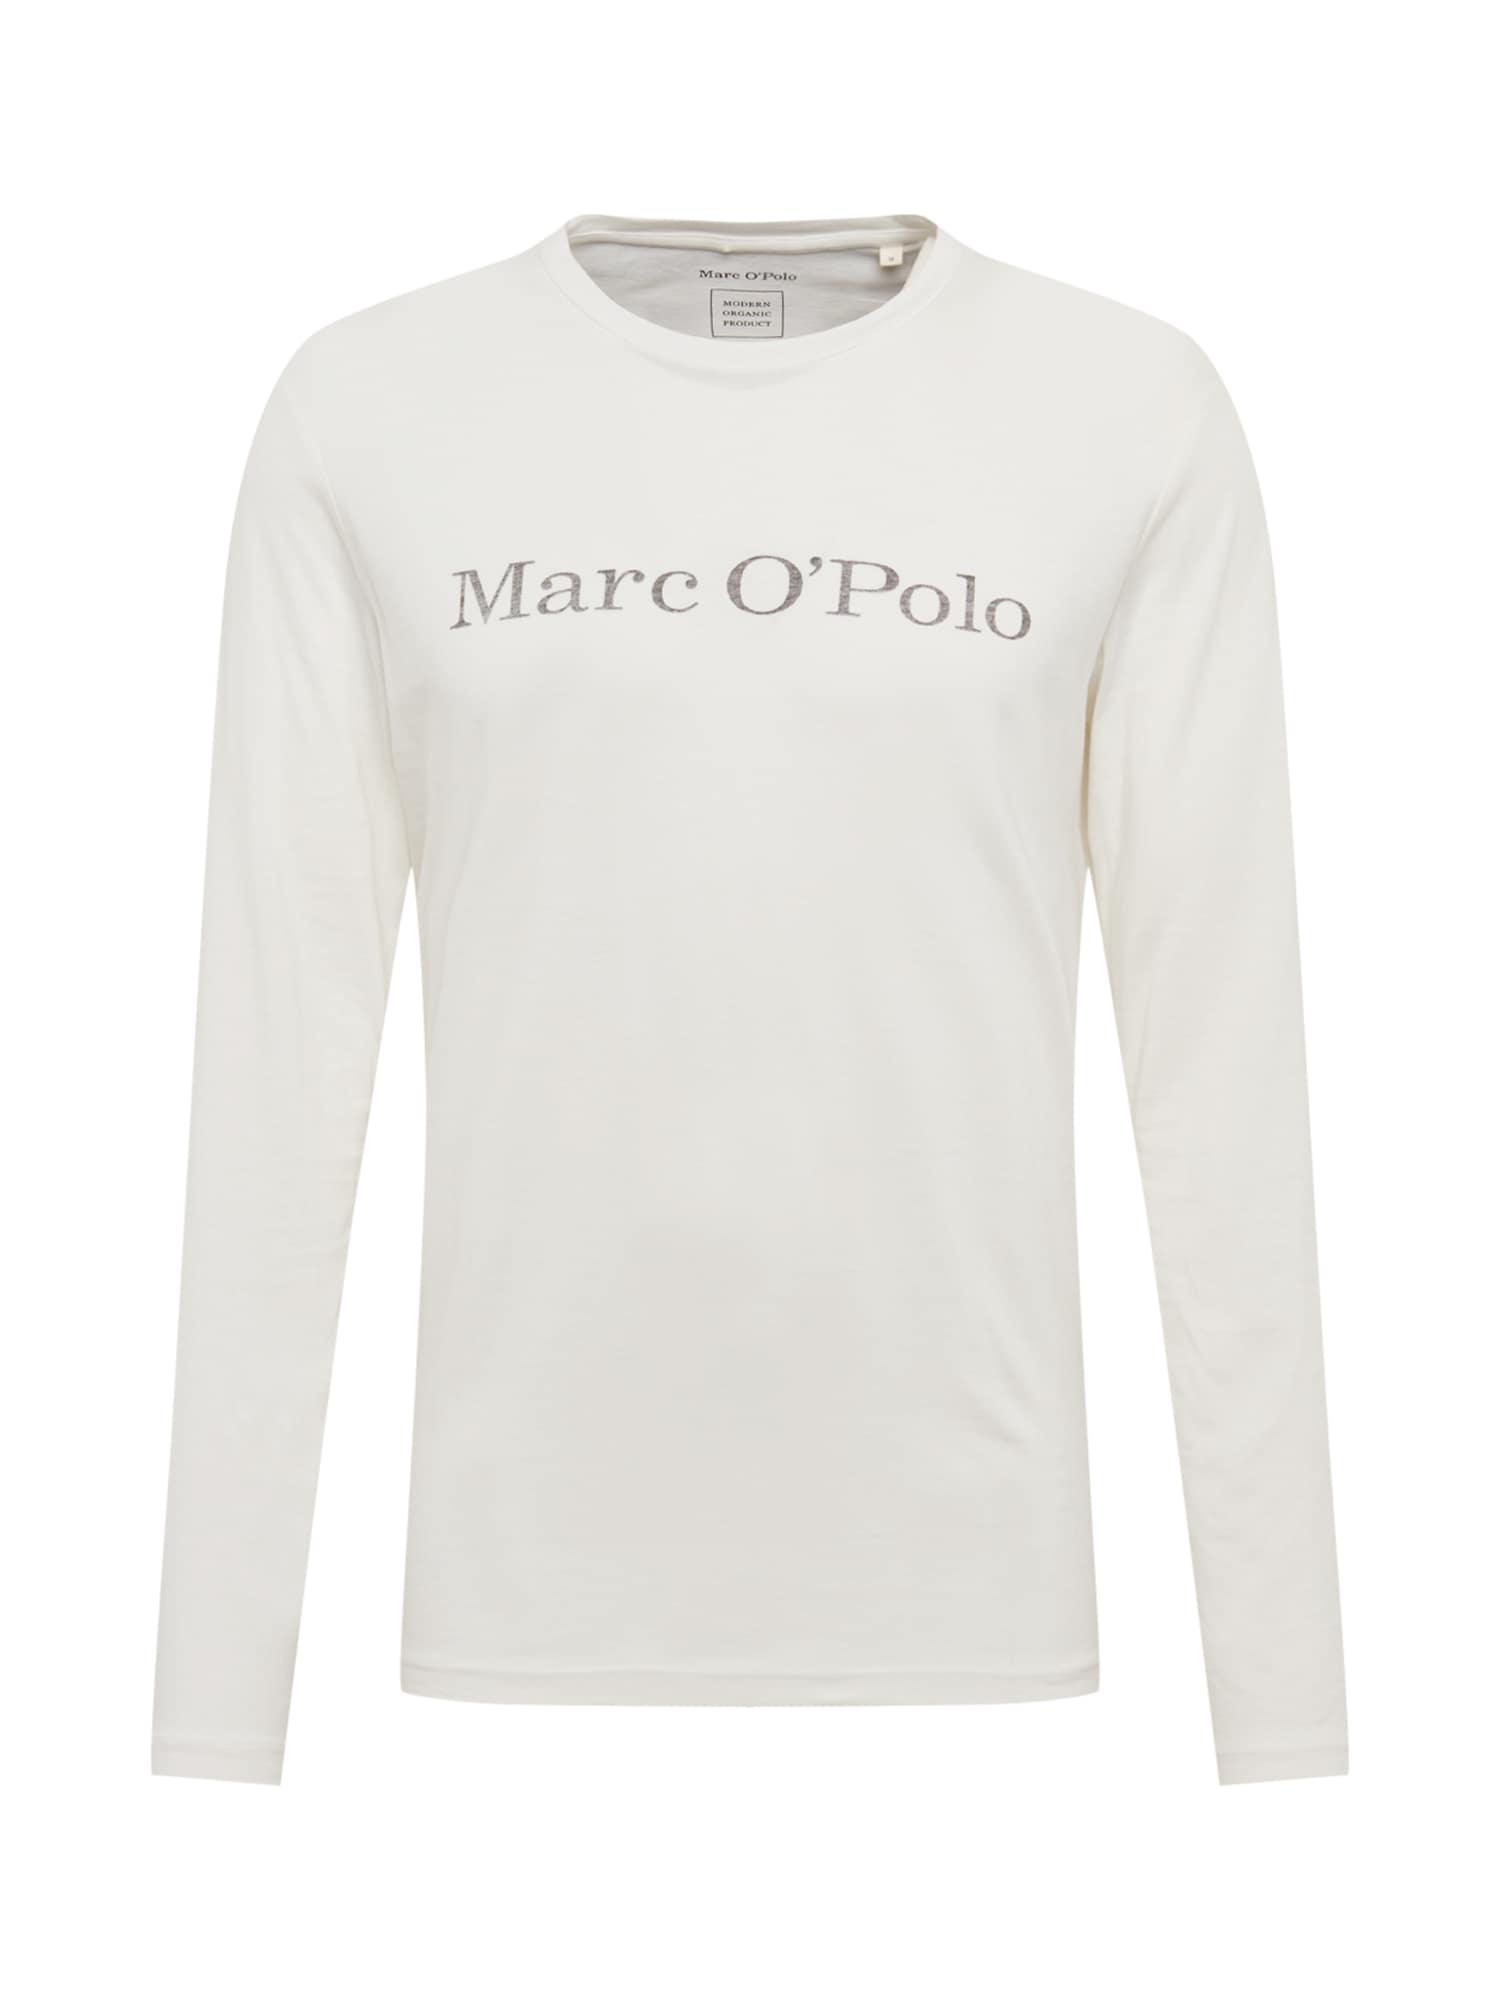 Marc OPolo Tričko barva vaječné skořápky Marc O'Polo